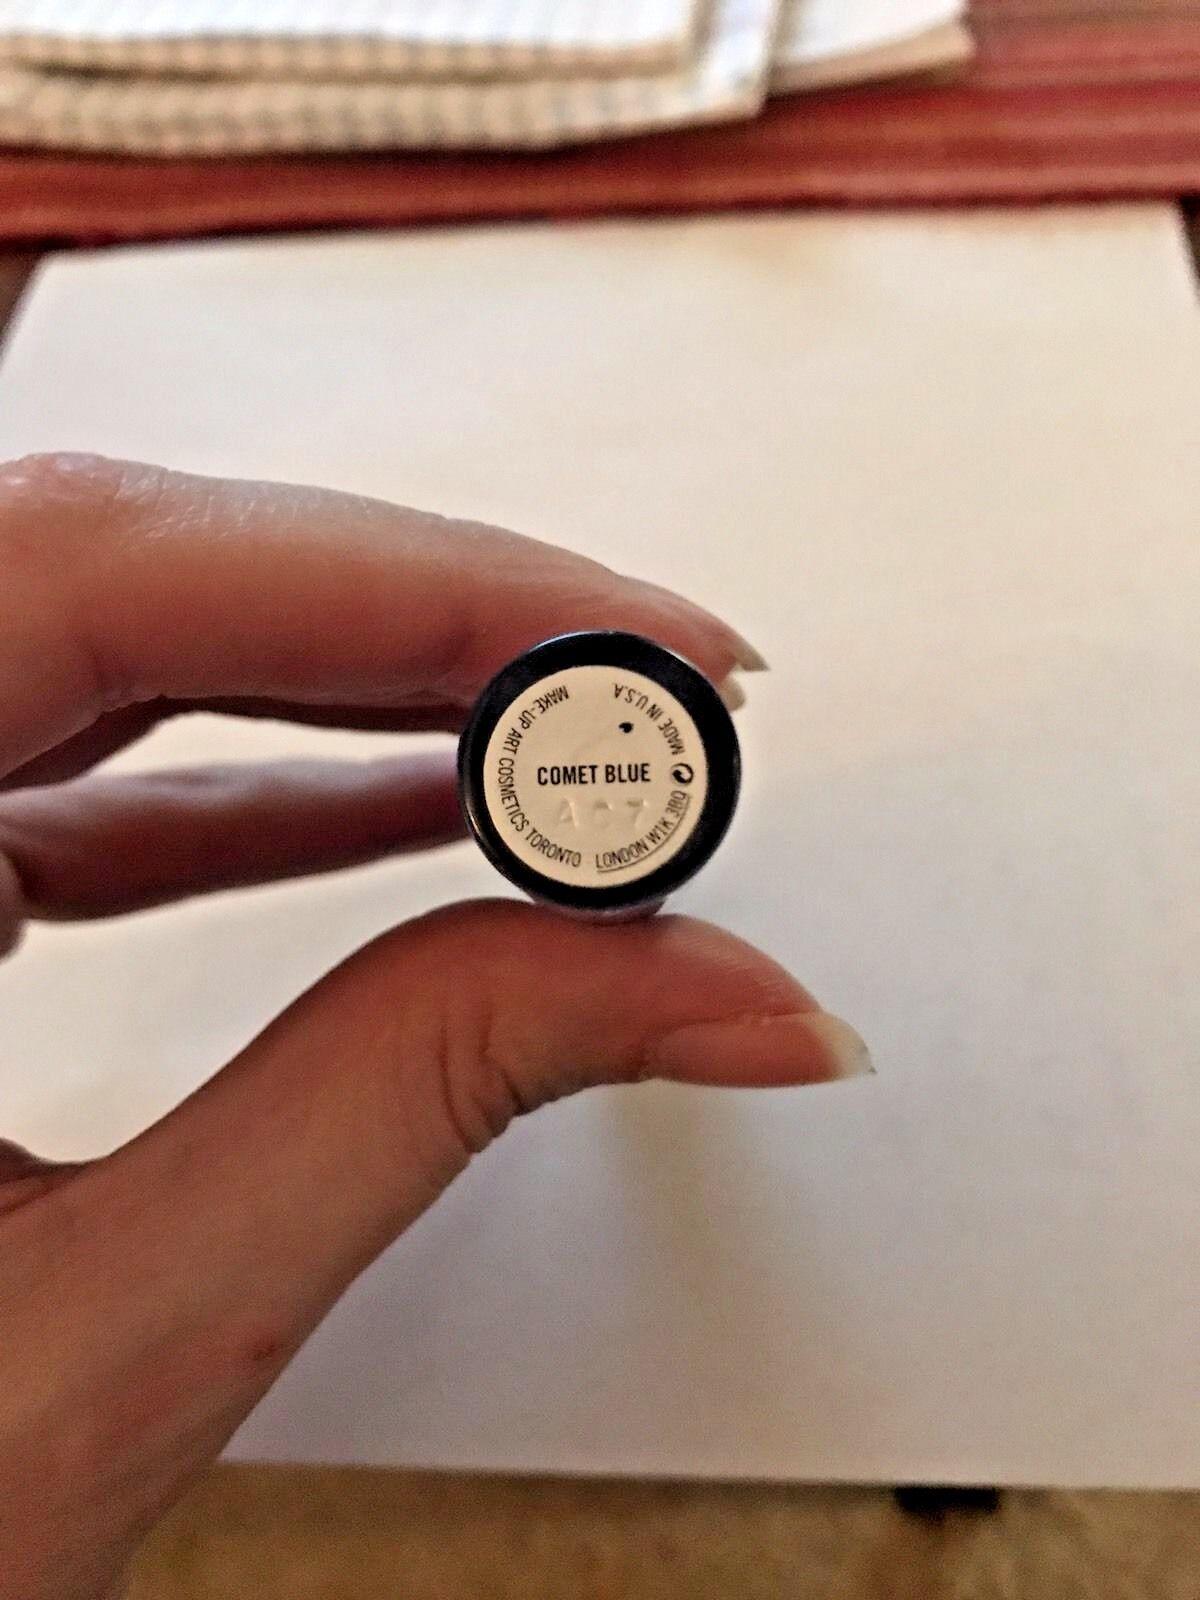 237fa9d270e689 Купить MAC Dazzleglass Lip Gloss  Comet Blue  Very Rare на eBay.com ...